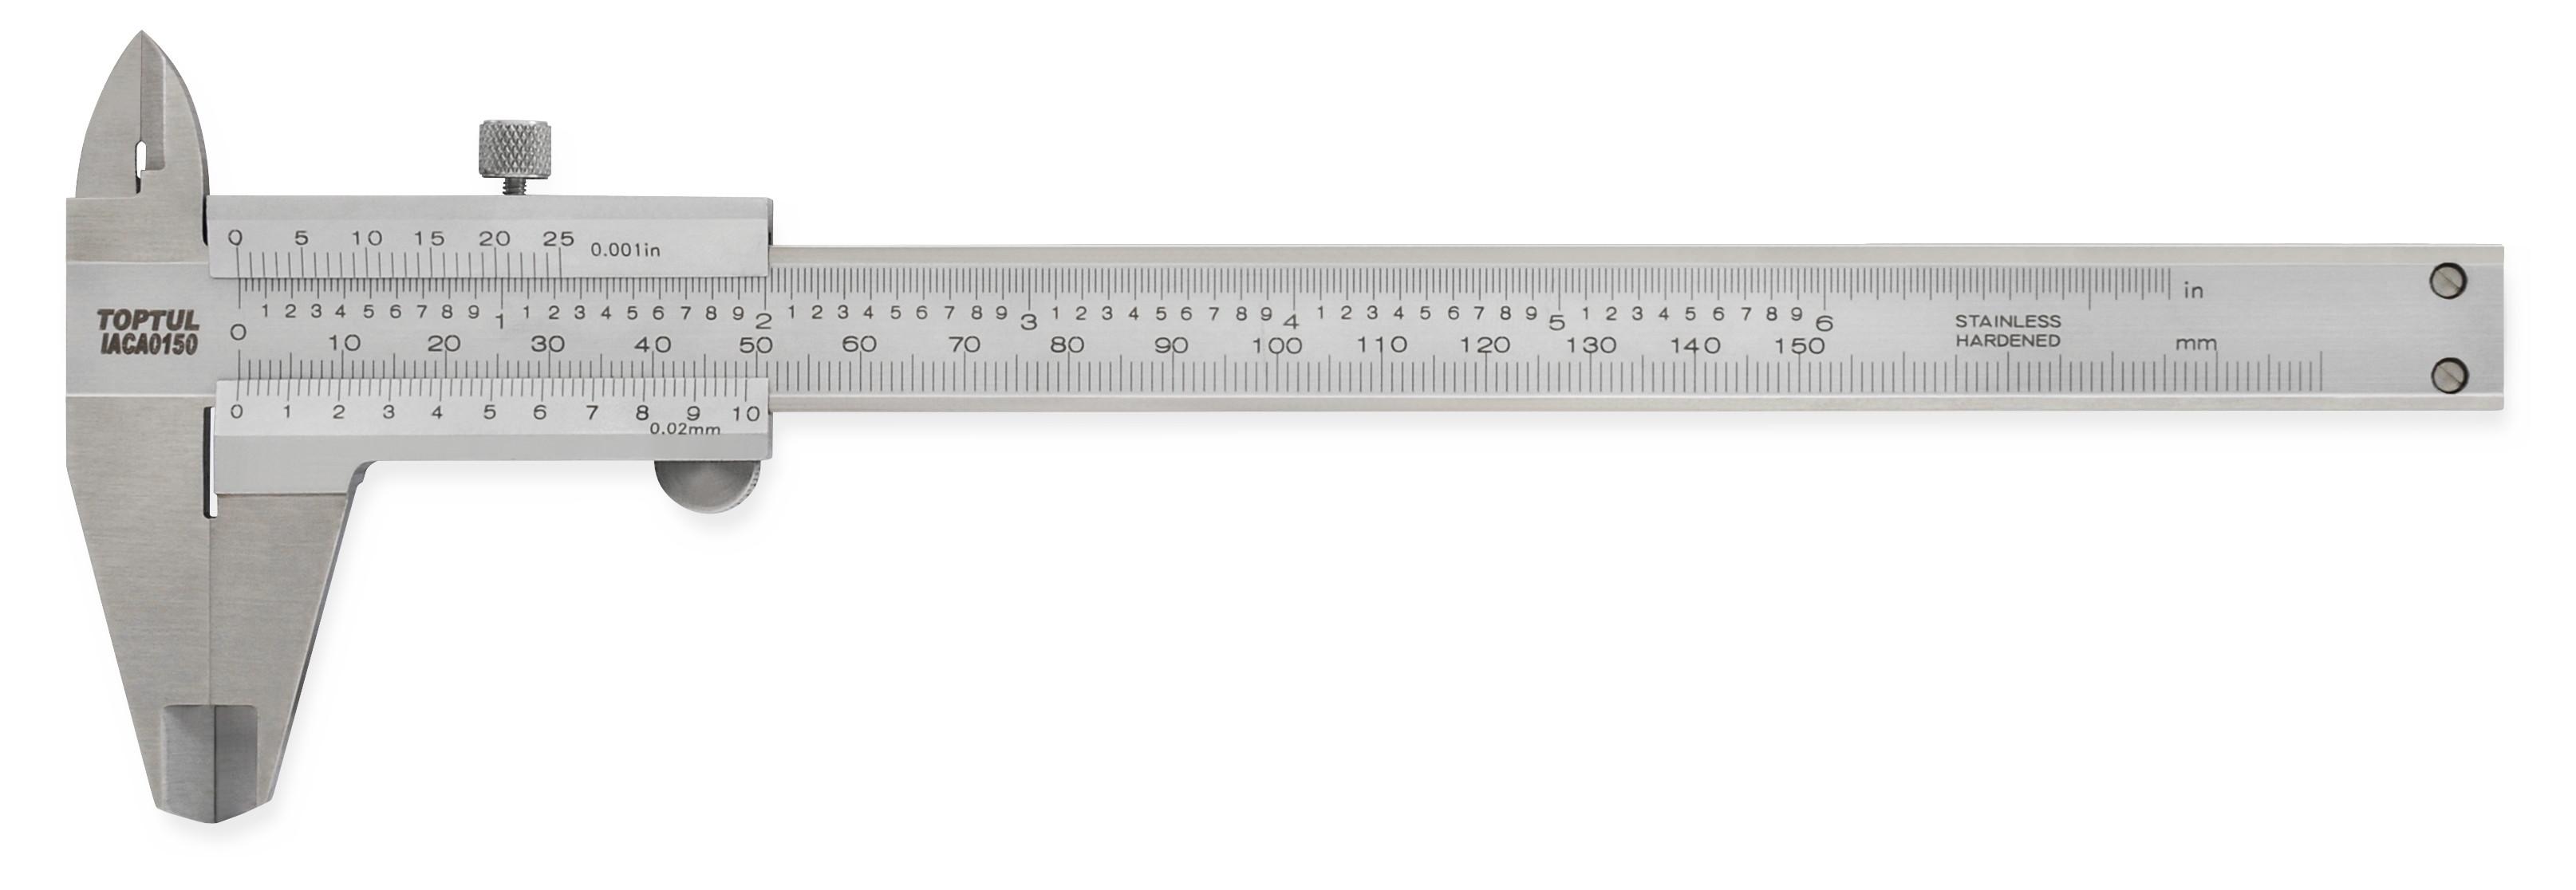 ΠΑΧΥΜΕΤΡΟ  (0-150mm) Graduations: 0.02 mm / 0.001 inch